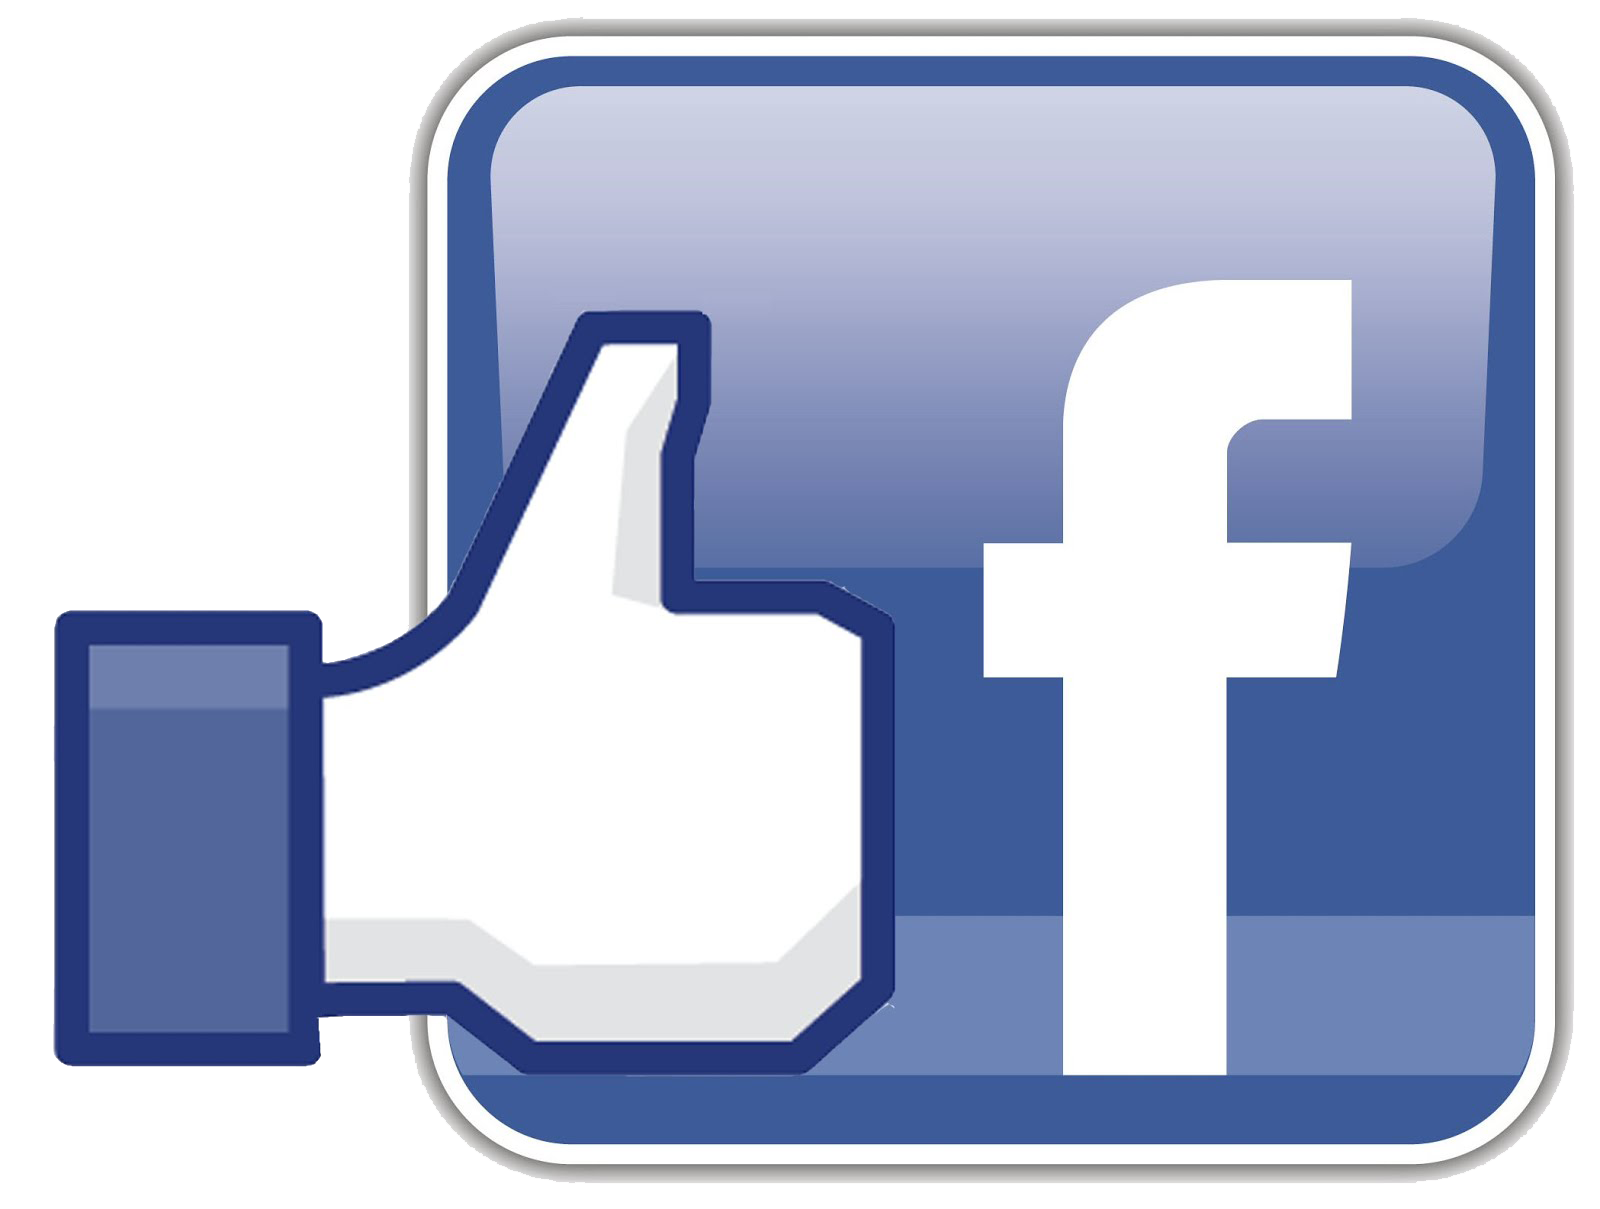 Burç Logo photo - 1